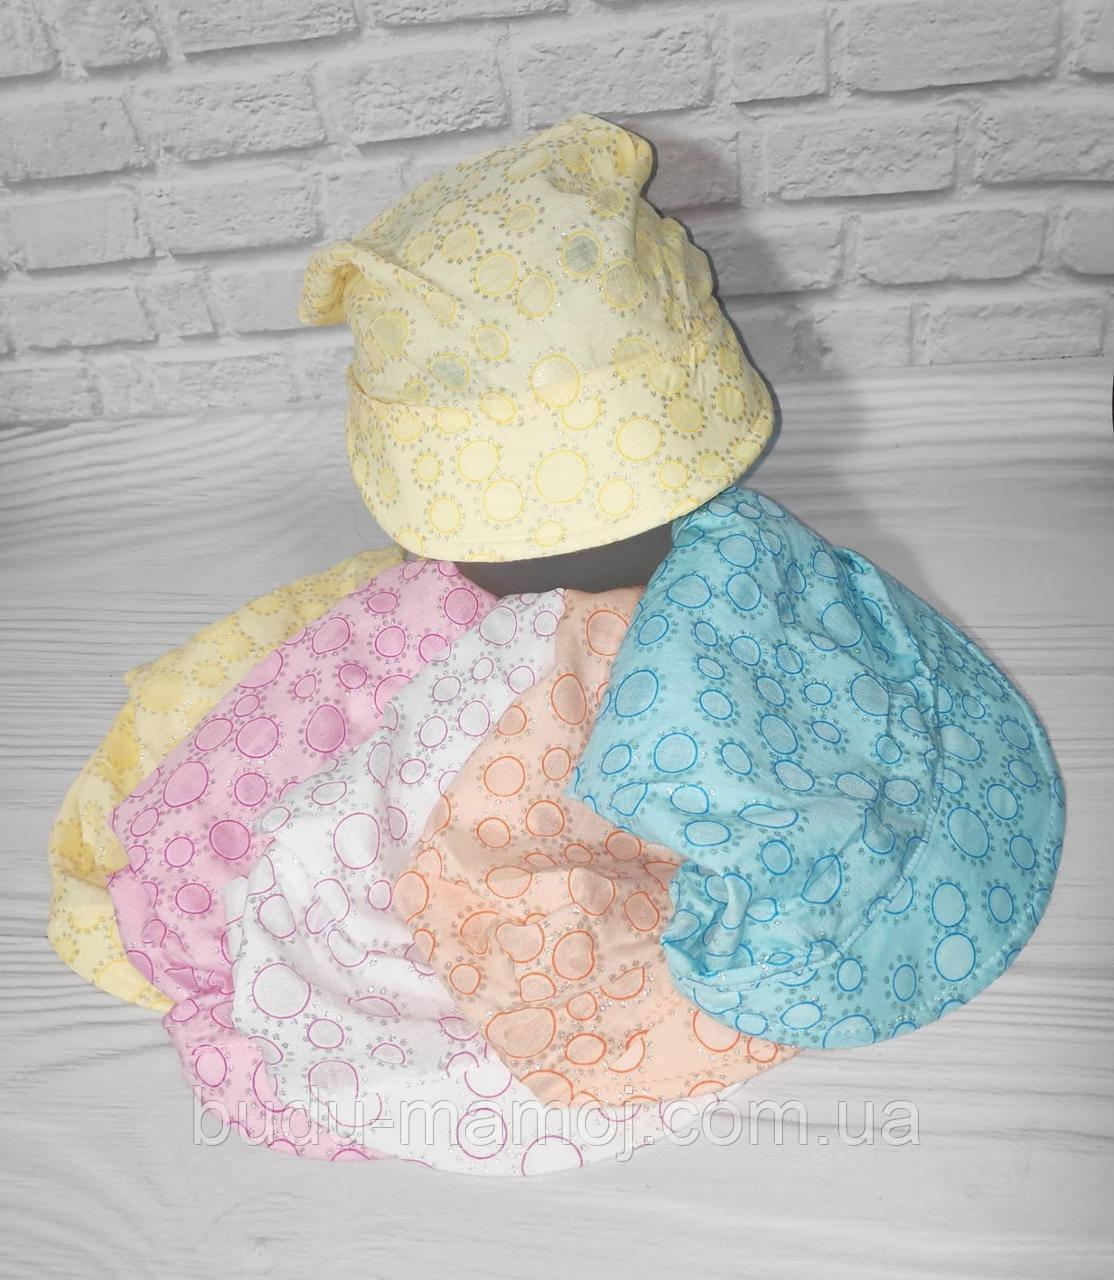 Панамка кепка для девочки на обьем головы 40-45 см от 0 до года